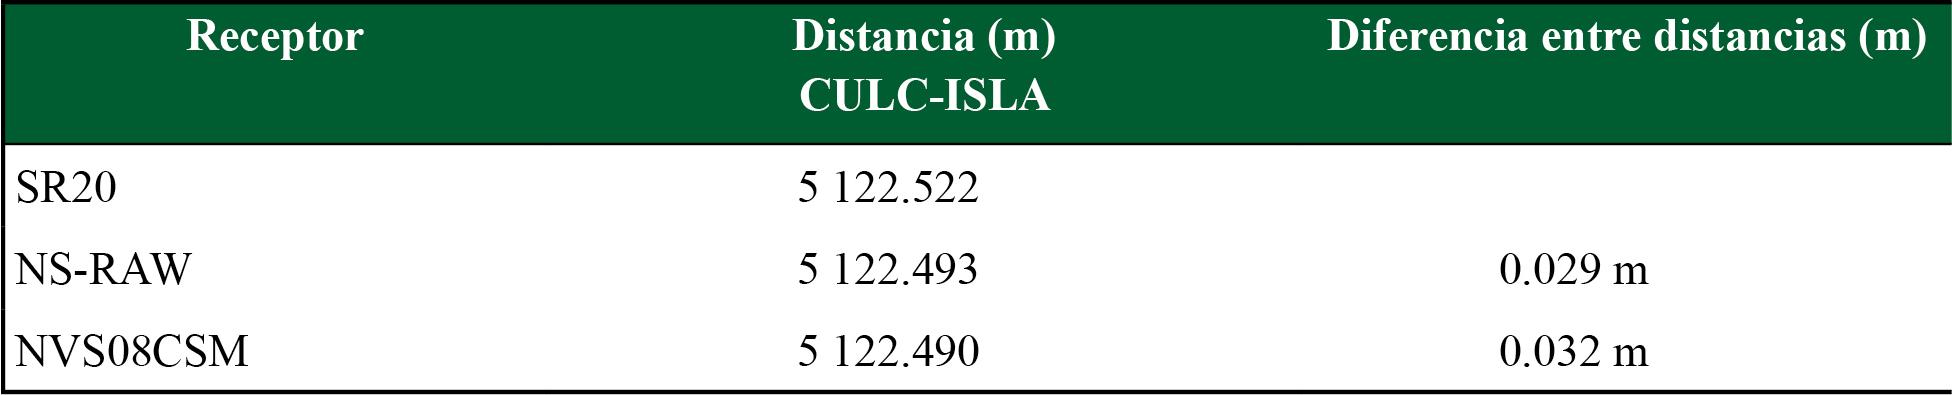 Distancias calculadas a partir de las coordenadas obtenidas con el software RTKLIB considerando como distancia real la estimada con el receptor Leica SR20